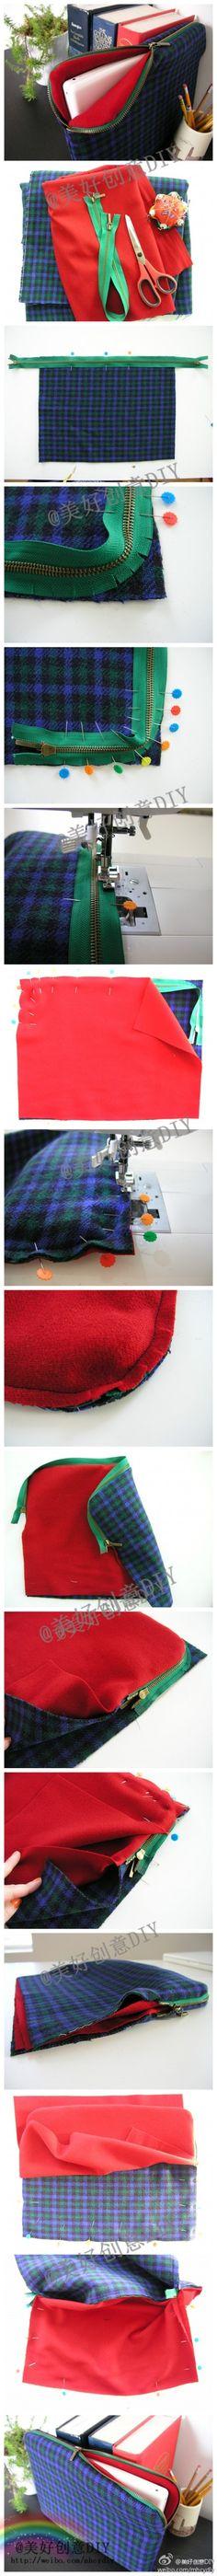 做一个笔记本保护袋,好好保护你的本本吧!——更多有趣内容,请关注@美好创意DIY